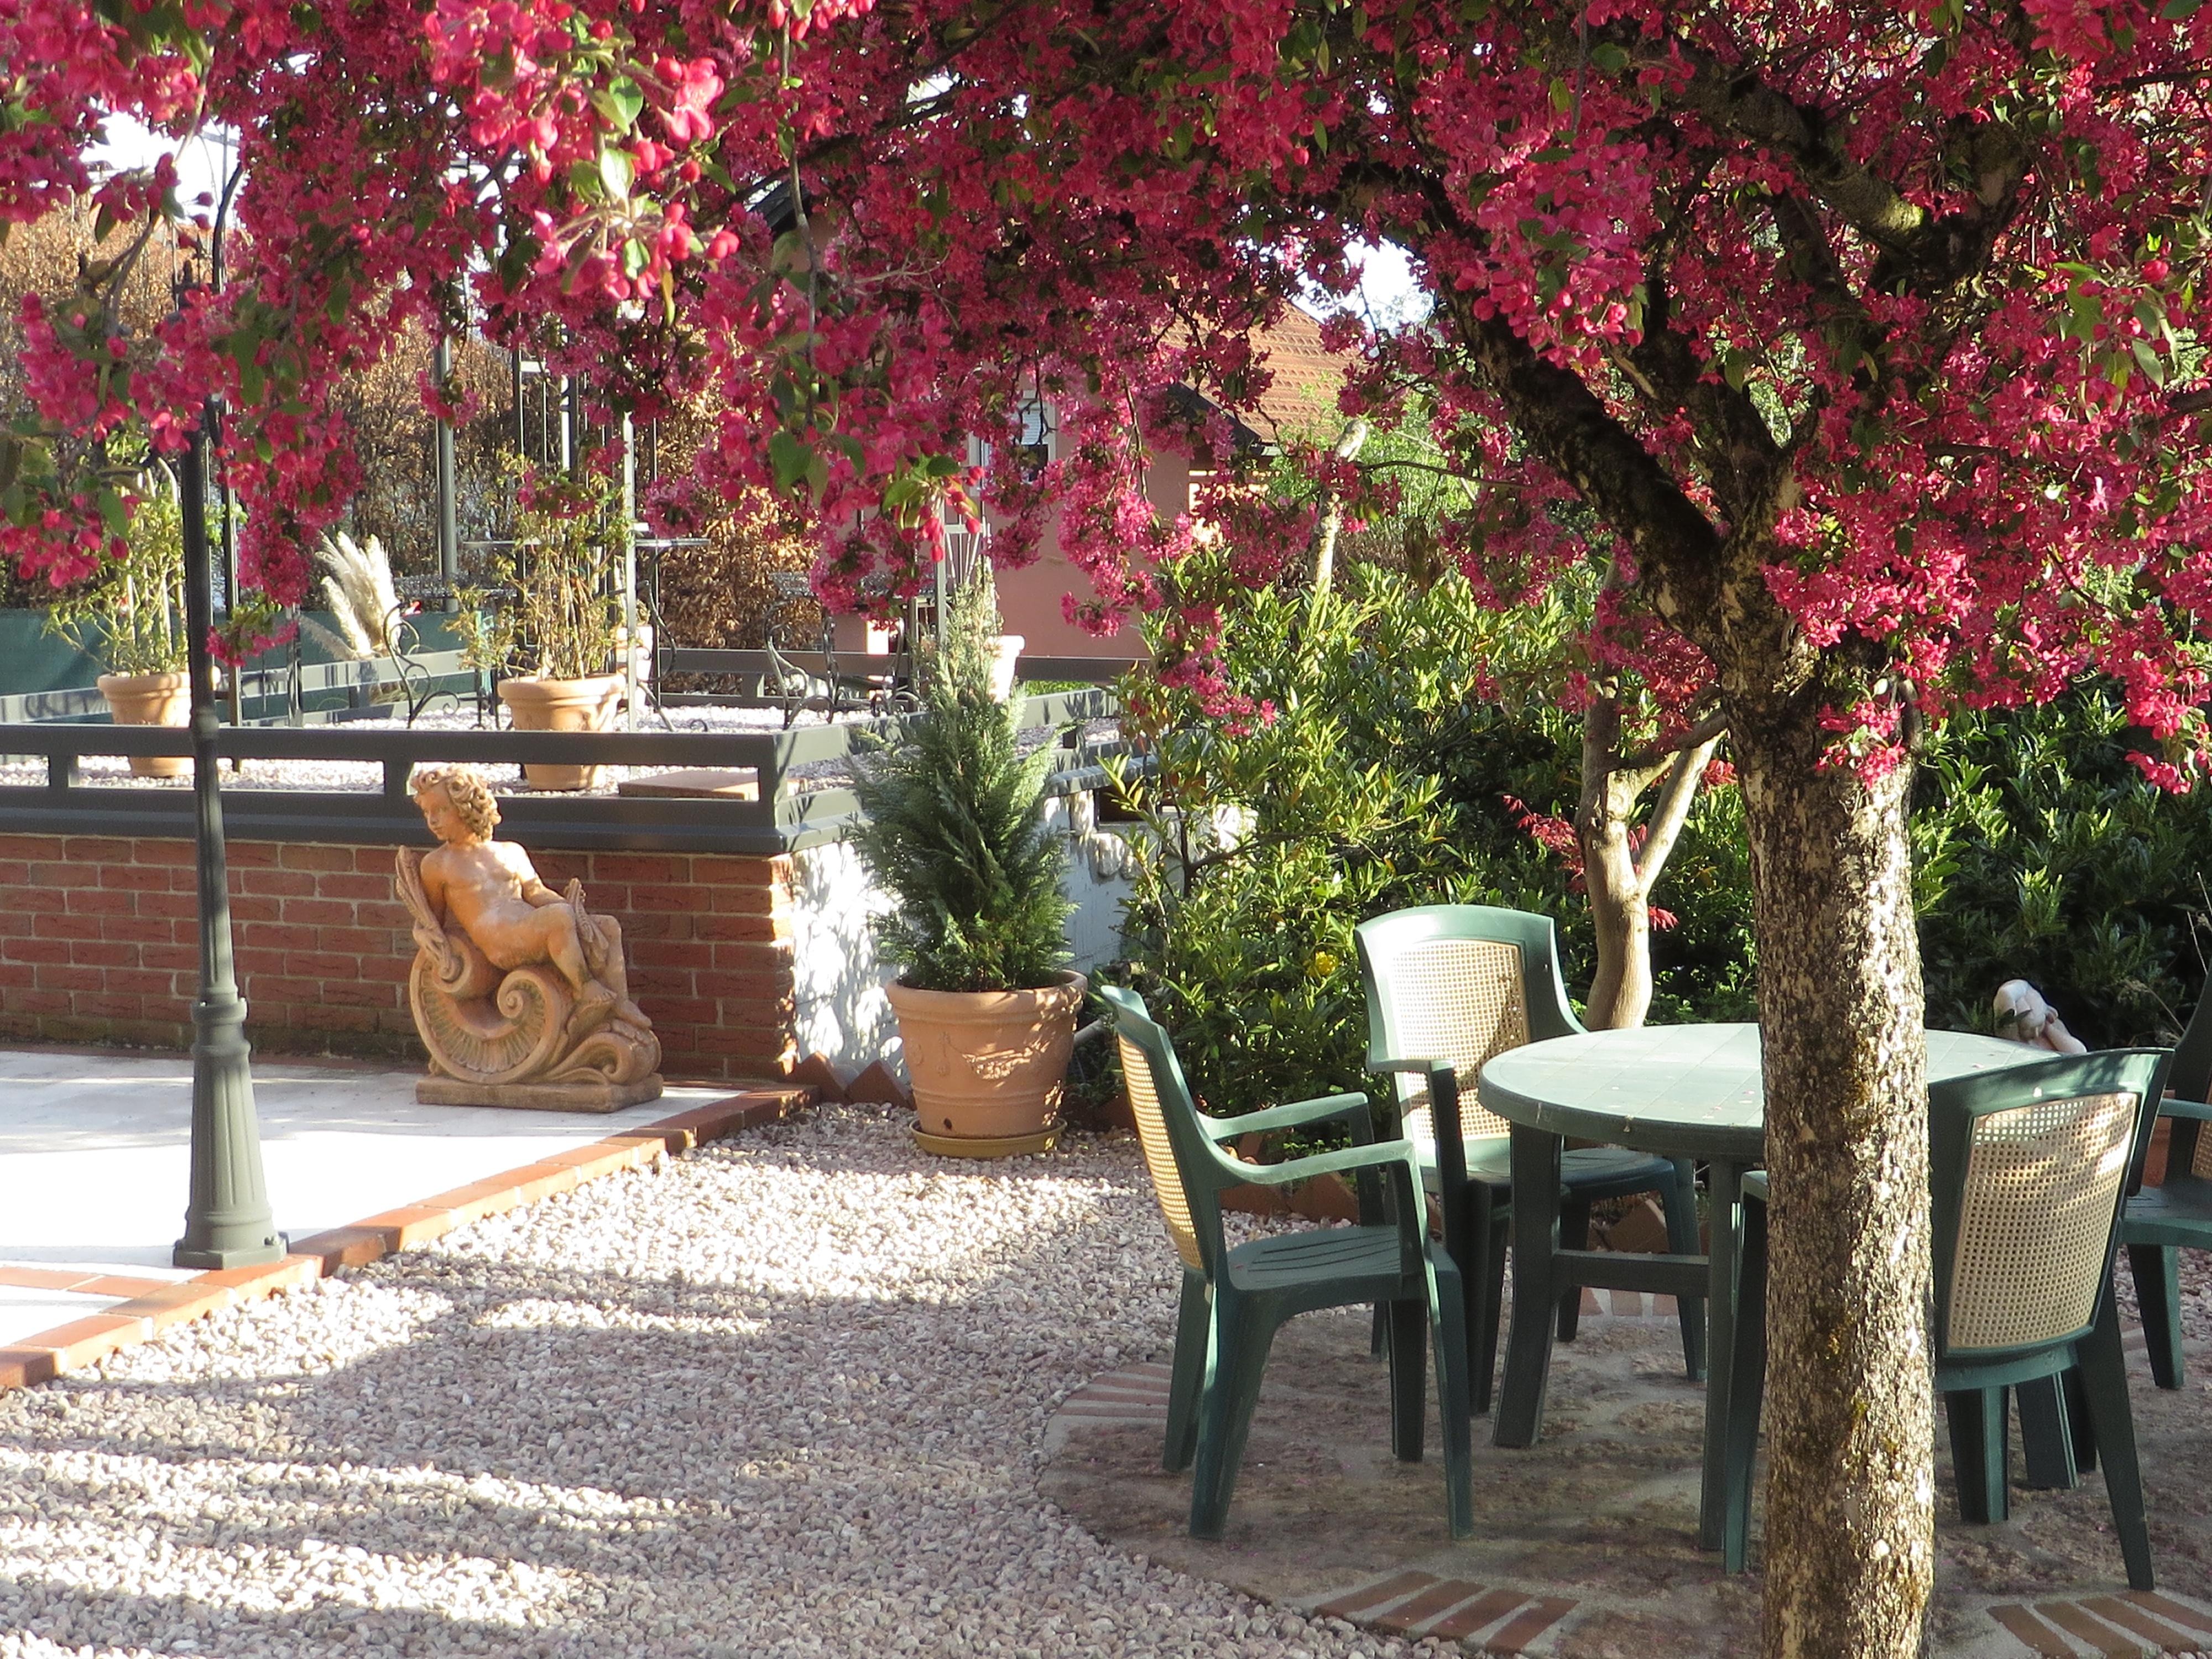 https://0501.nccdn.net/4_2/000/000/038/2d3/Sonnenvilla-Salzburg-Garten2-4000x3000.jpg